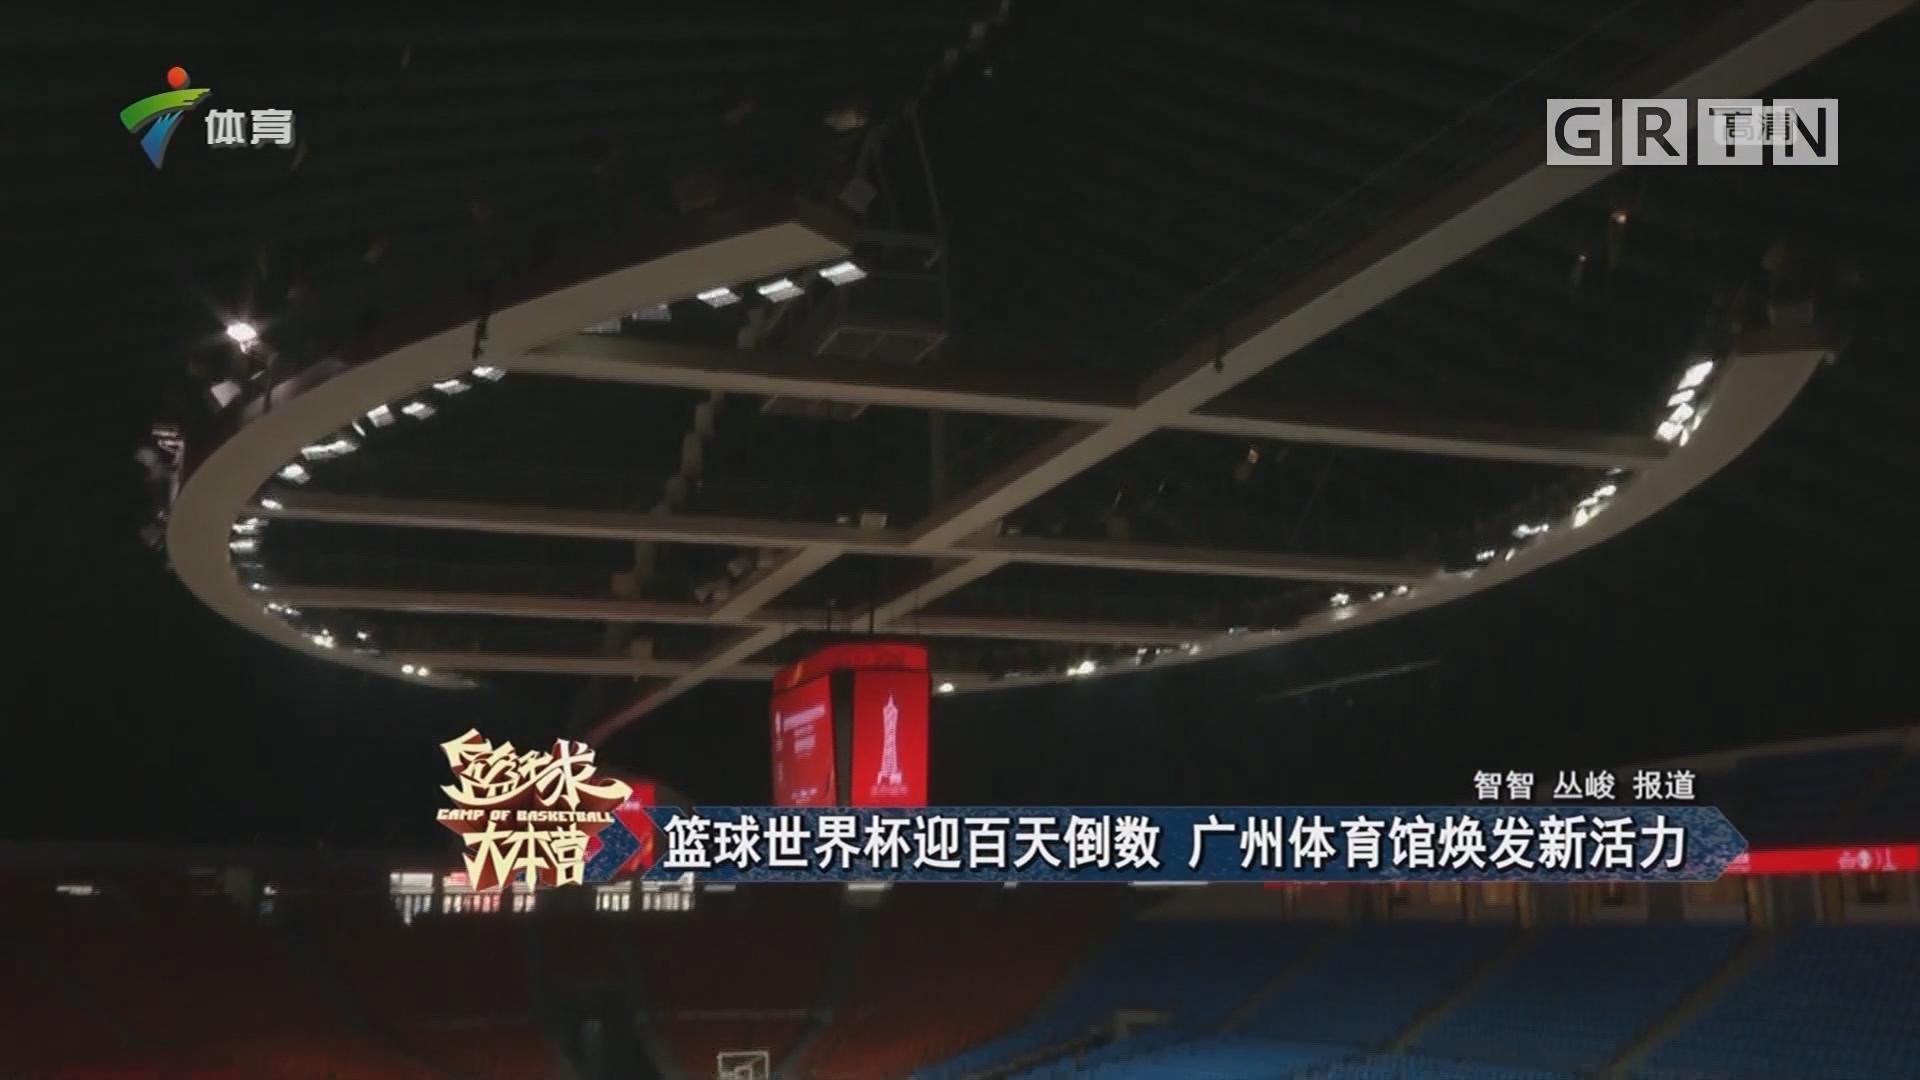 篮球世界杯迎百天倒数 广州体育馆焕发新活力